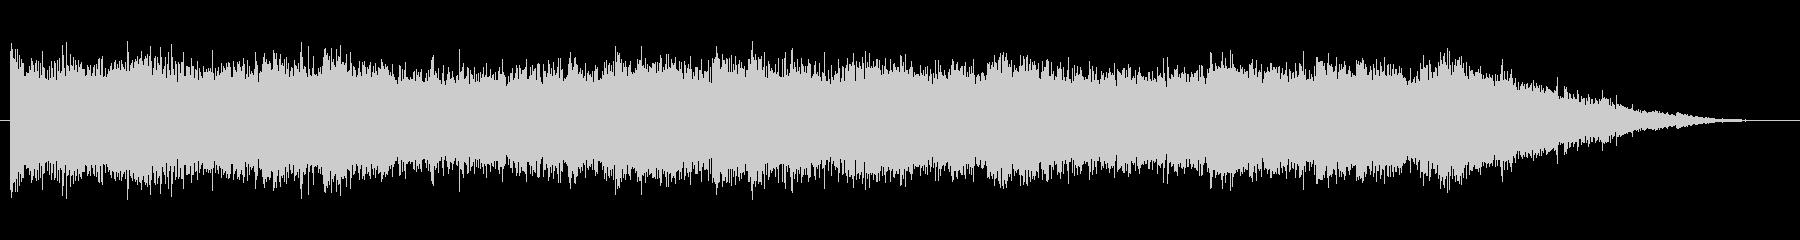 緊張 壊れたピアノのカオス05の未再生の波形